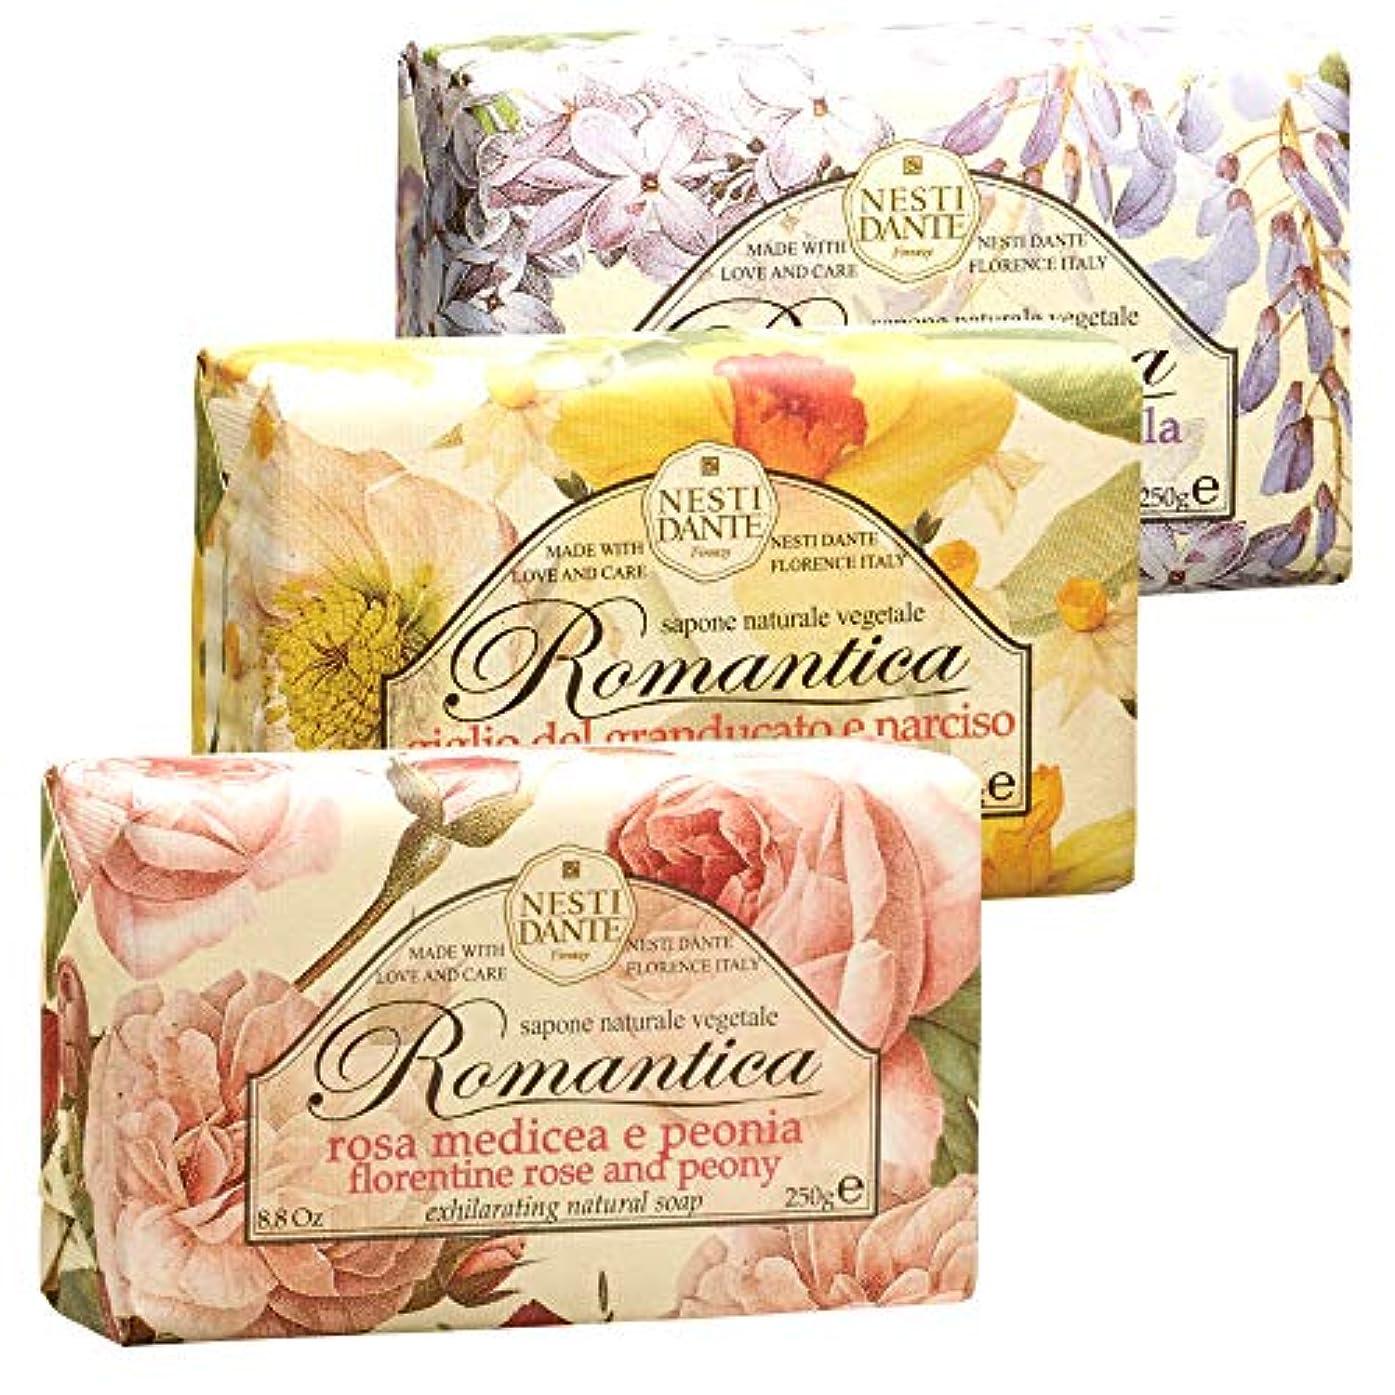 ズームインする権限を与える敬の念イタリアお土産 ネスティ ロマンティカソープ 3種セット